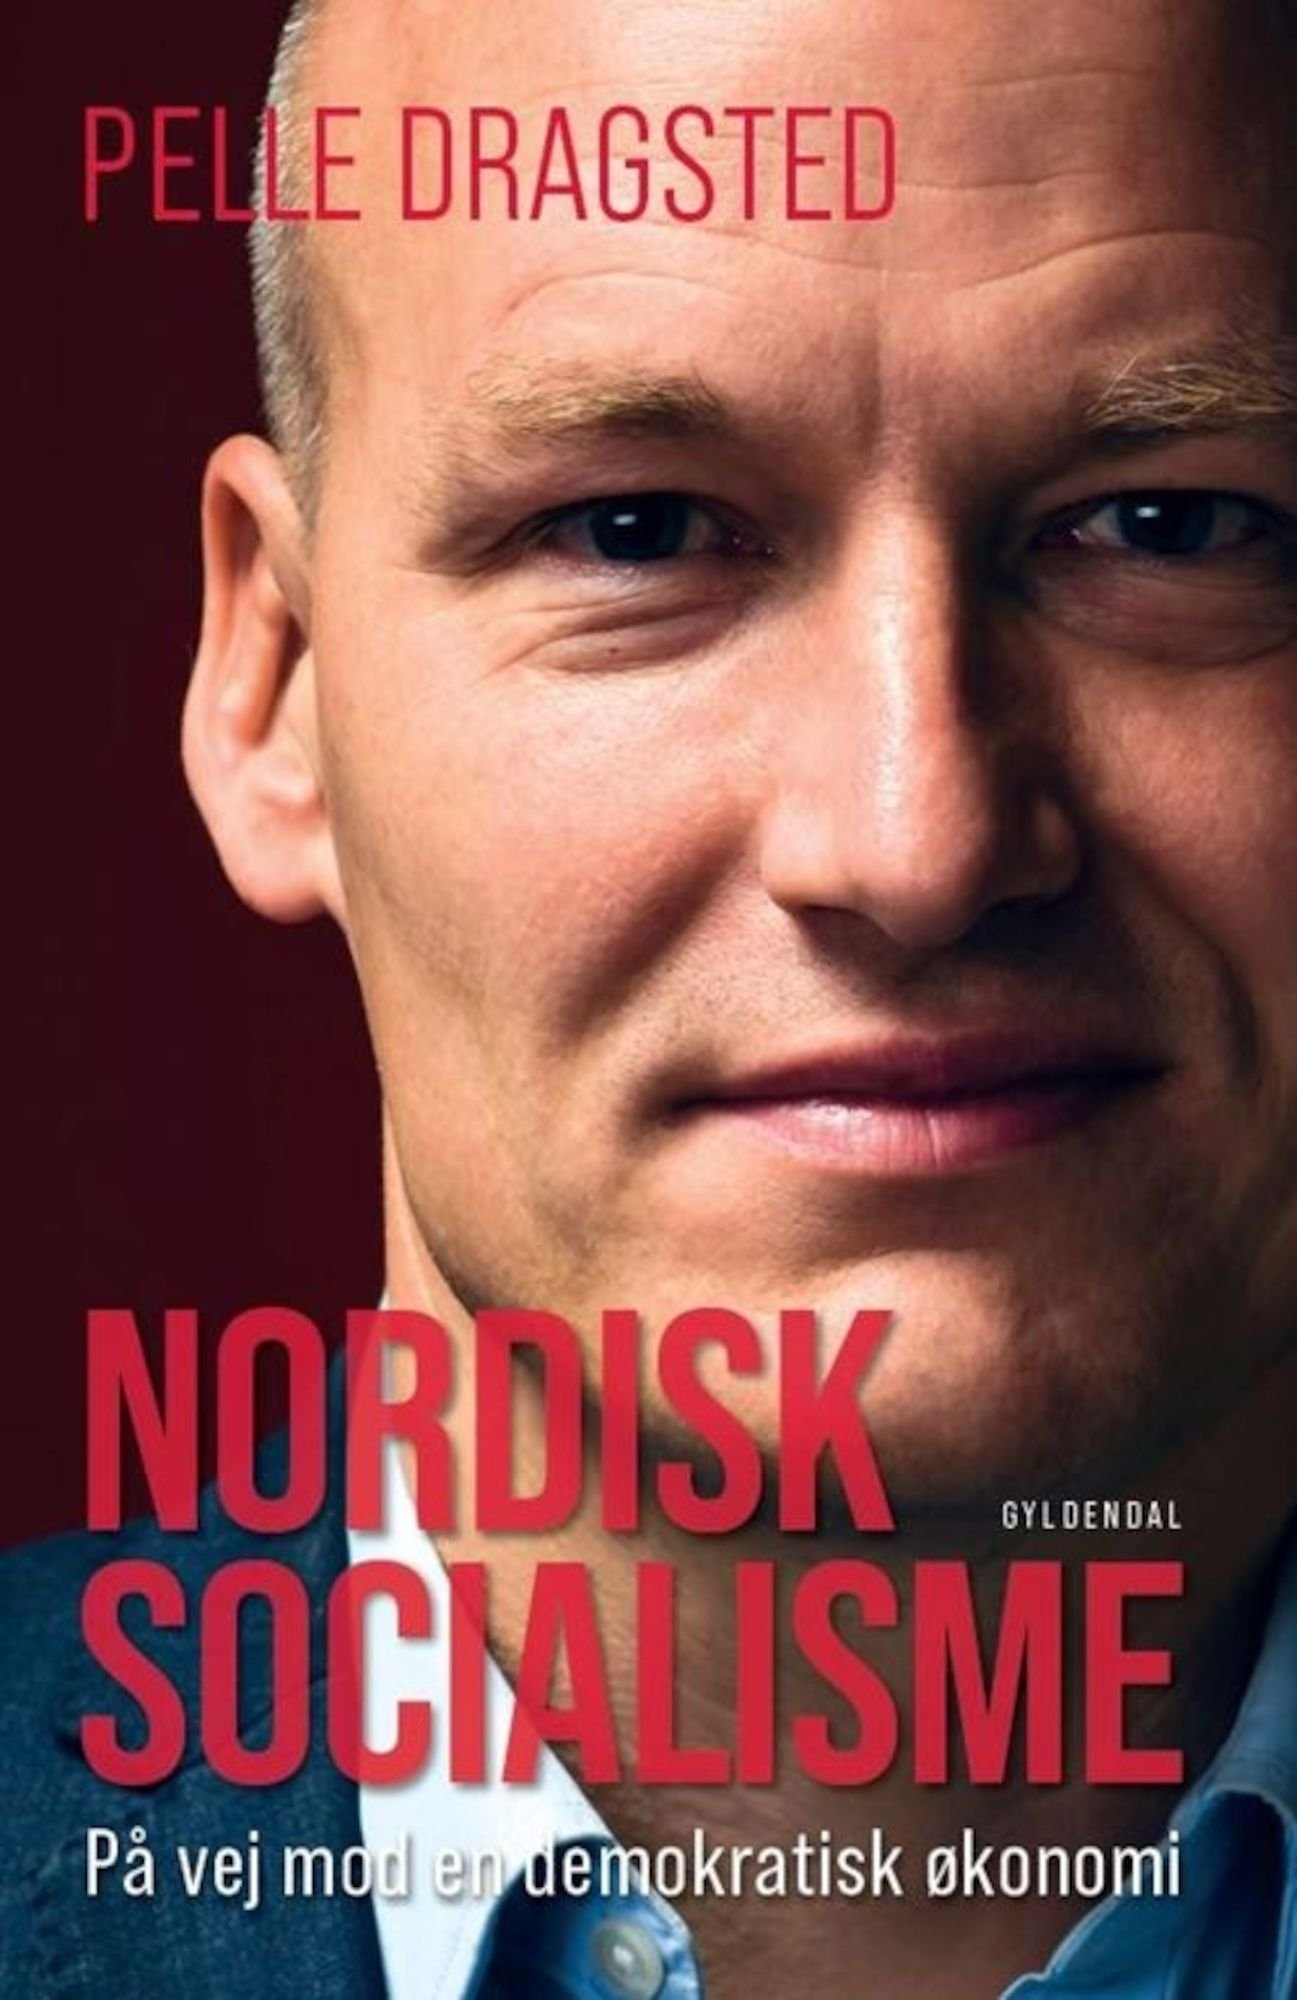 Pelle Dragsted: Nordisk socialisme